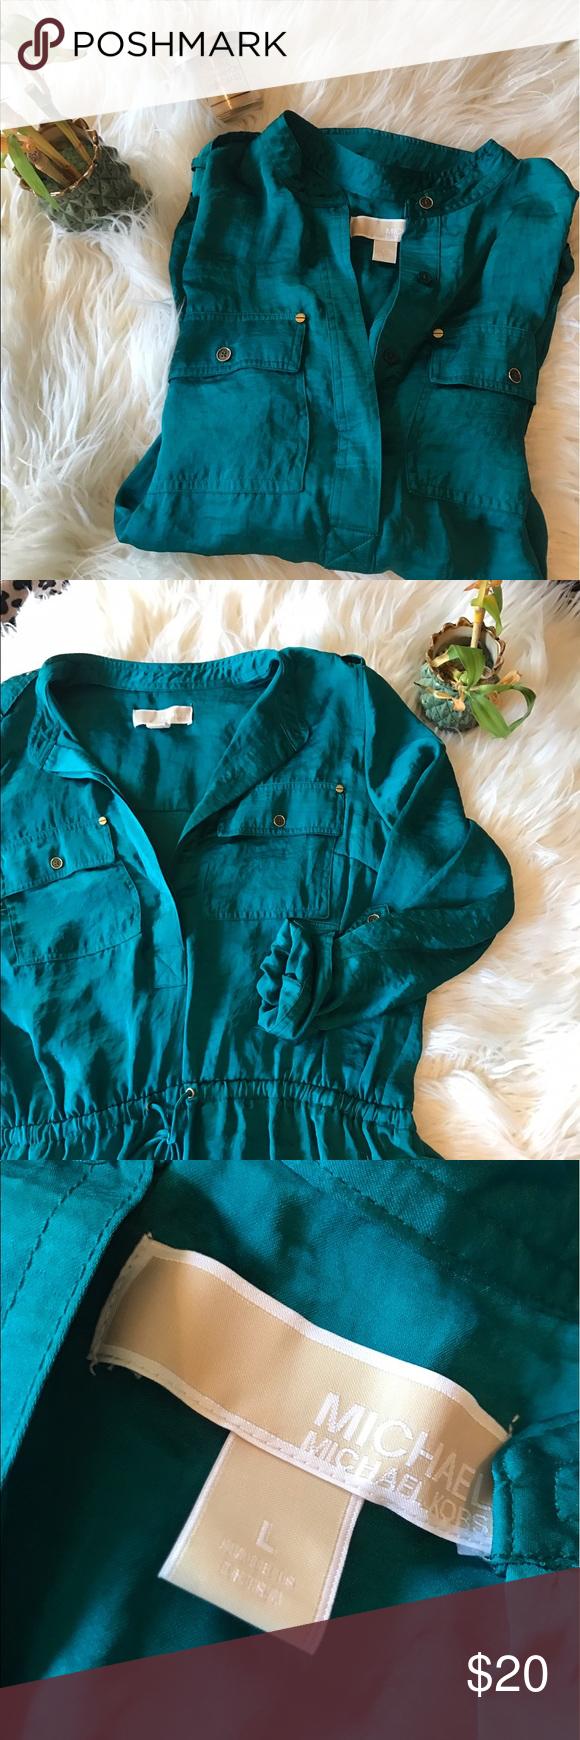 Green dress shirt mens Emerald green Michael Kors dress shirt  Dress shirts Emeralds and